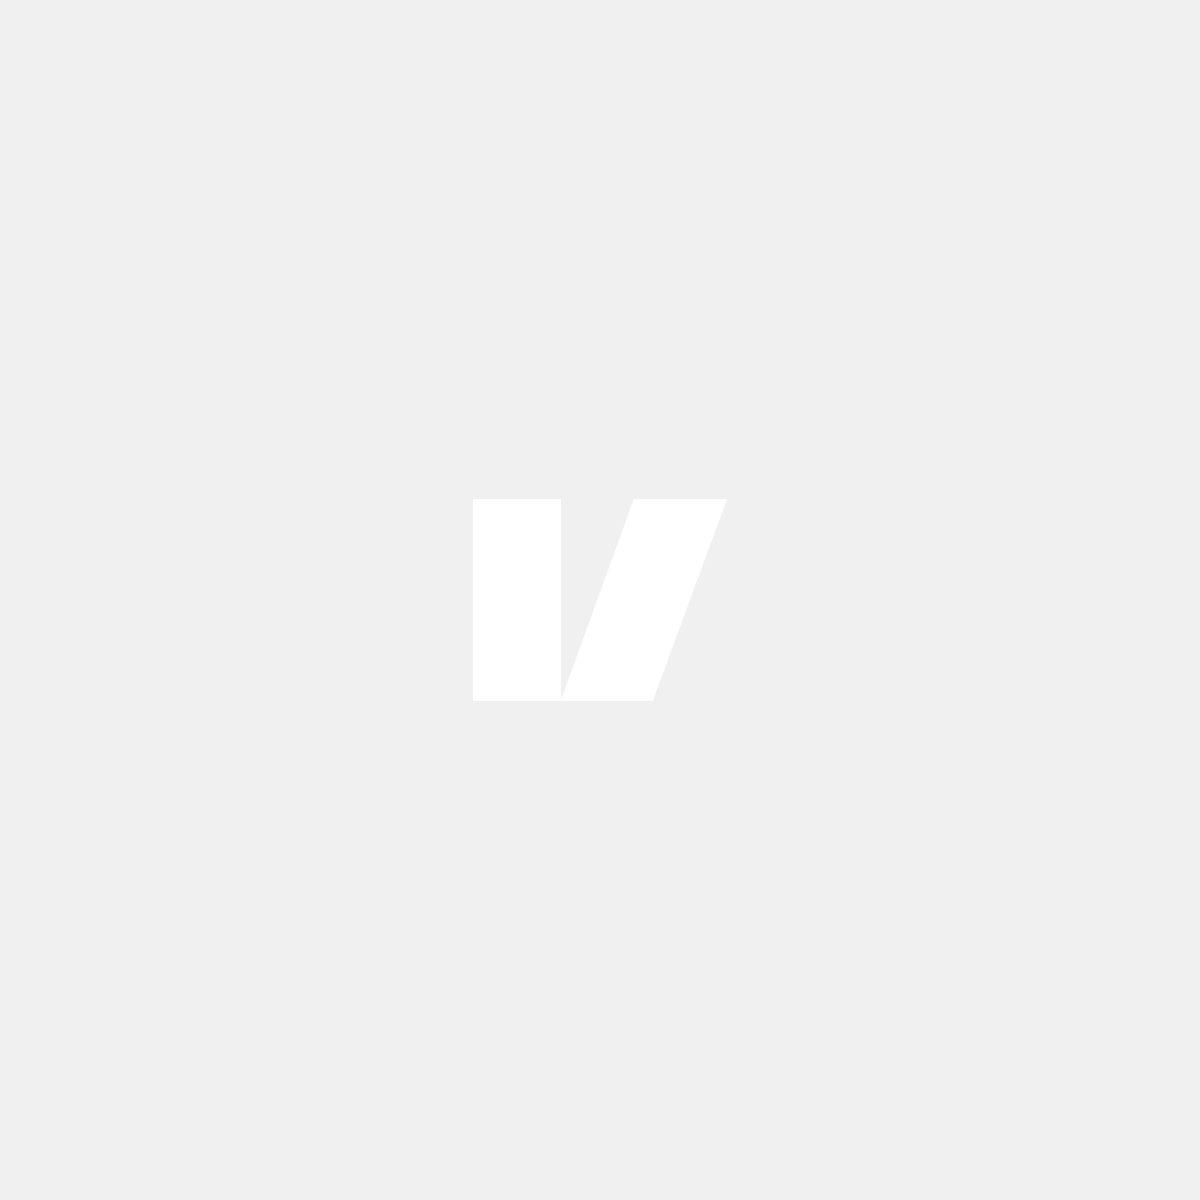 Mattkromade backspegelkåpor till Volvo S80, V70, 12-